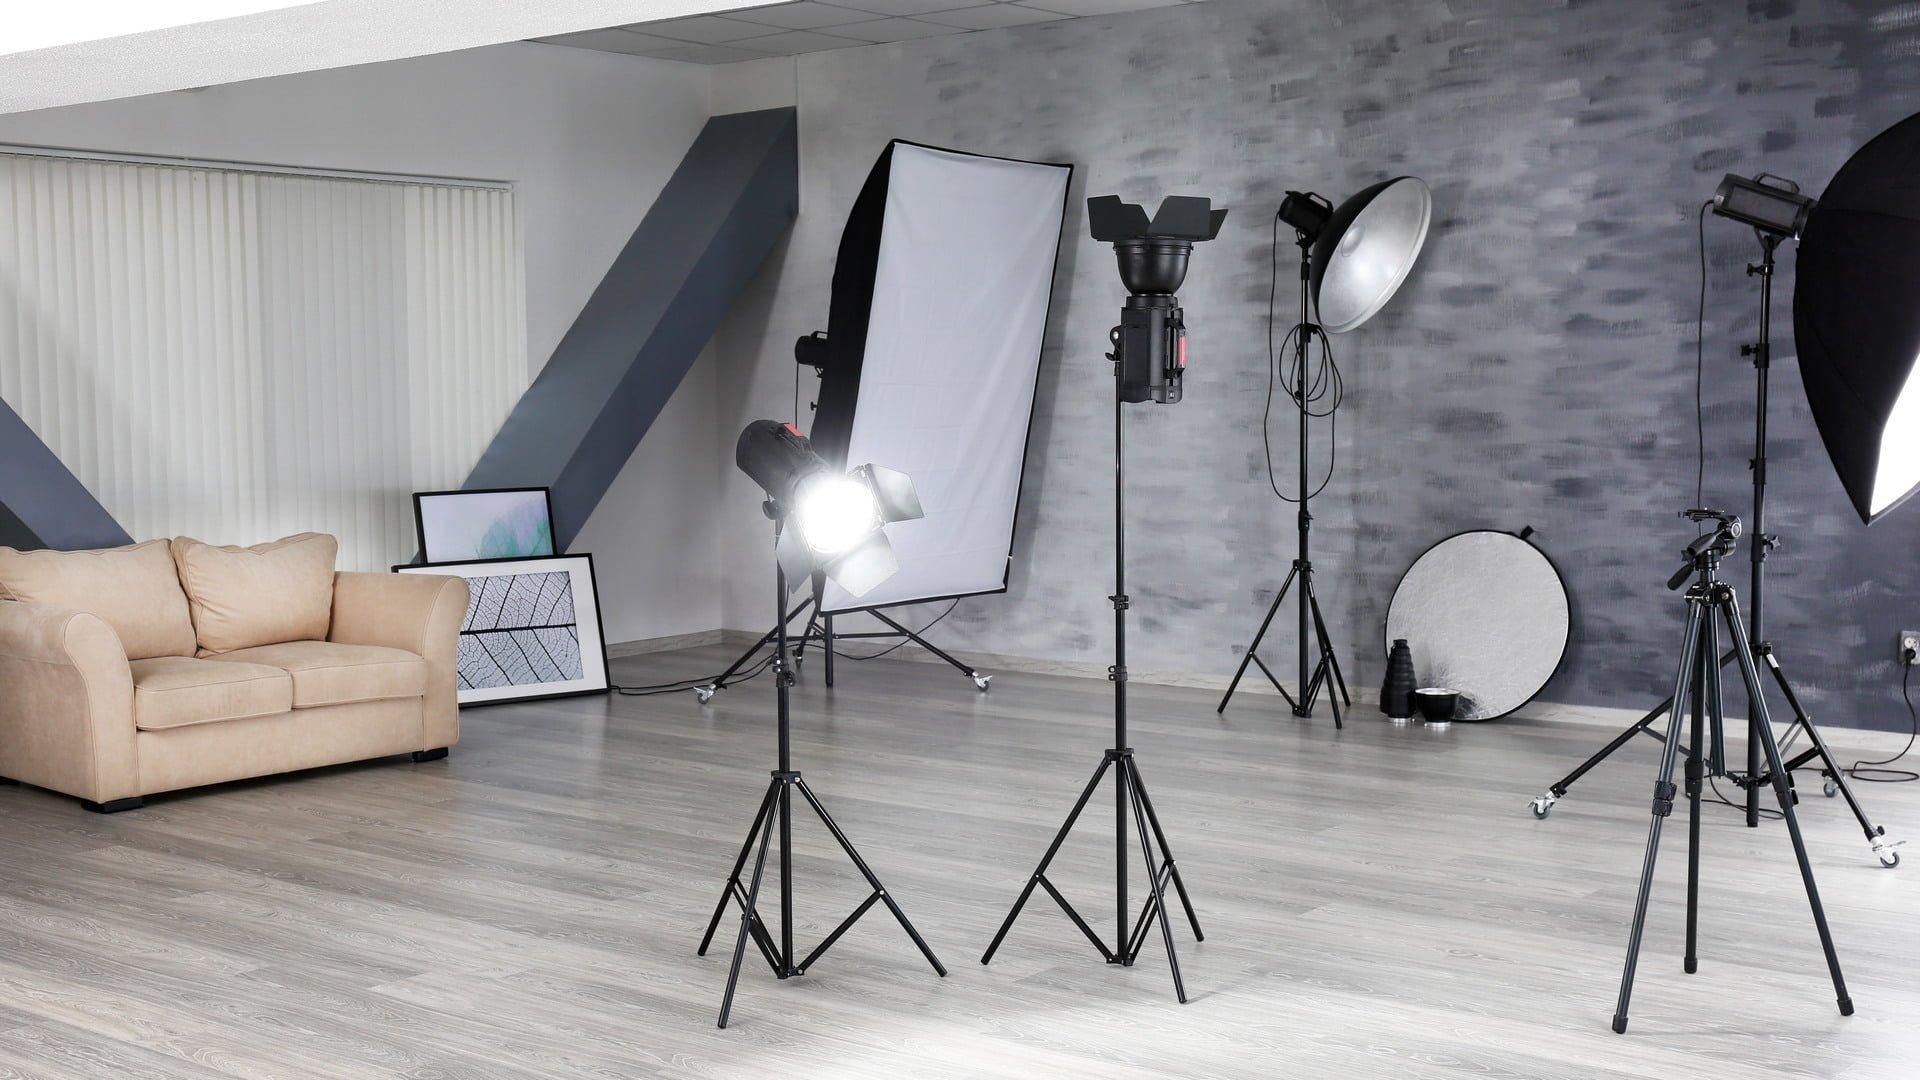 Fotografia produktowa Kępno i okolica - wykonujemy zdjęcia mebli i produktów do sklepów internetowych